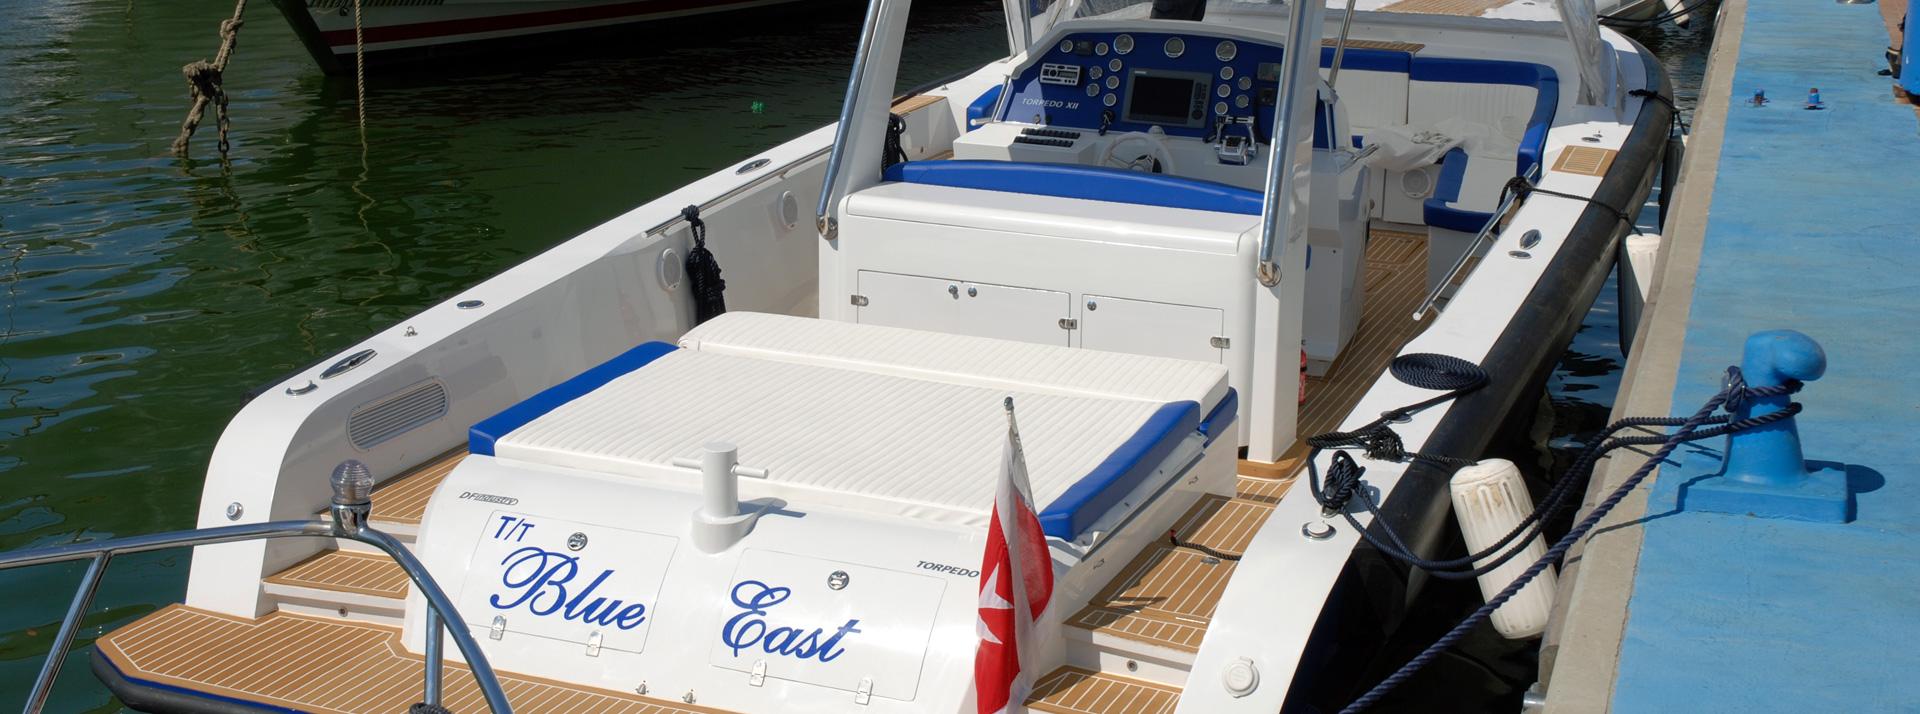 Torpedo: allestimenti imbarcazioni